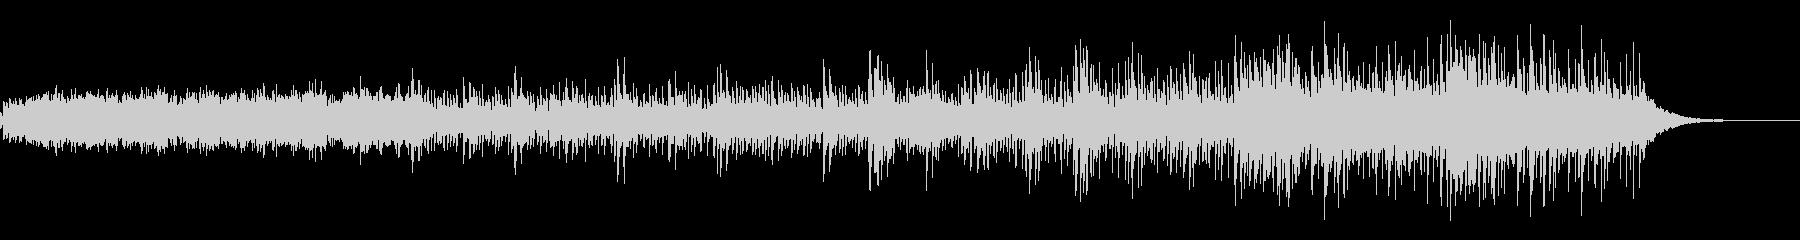 ショートBGM、シタールの未再生の波形